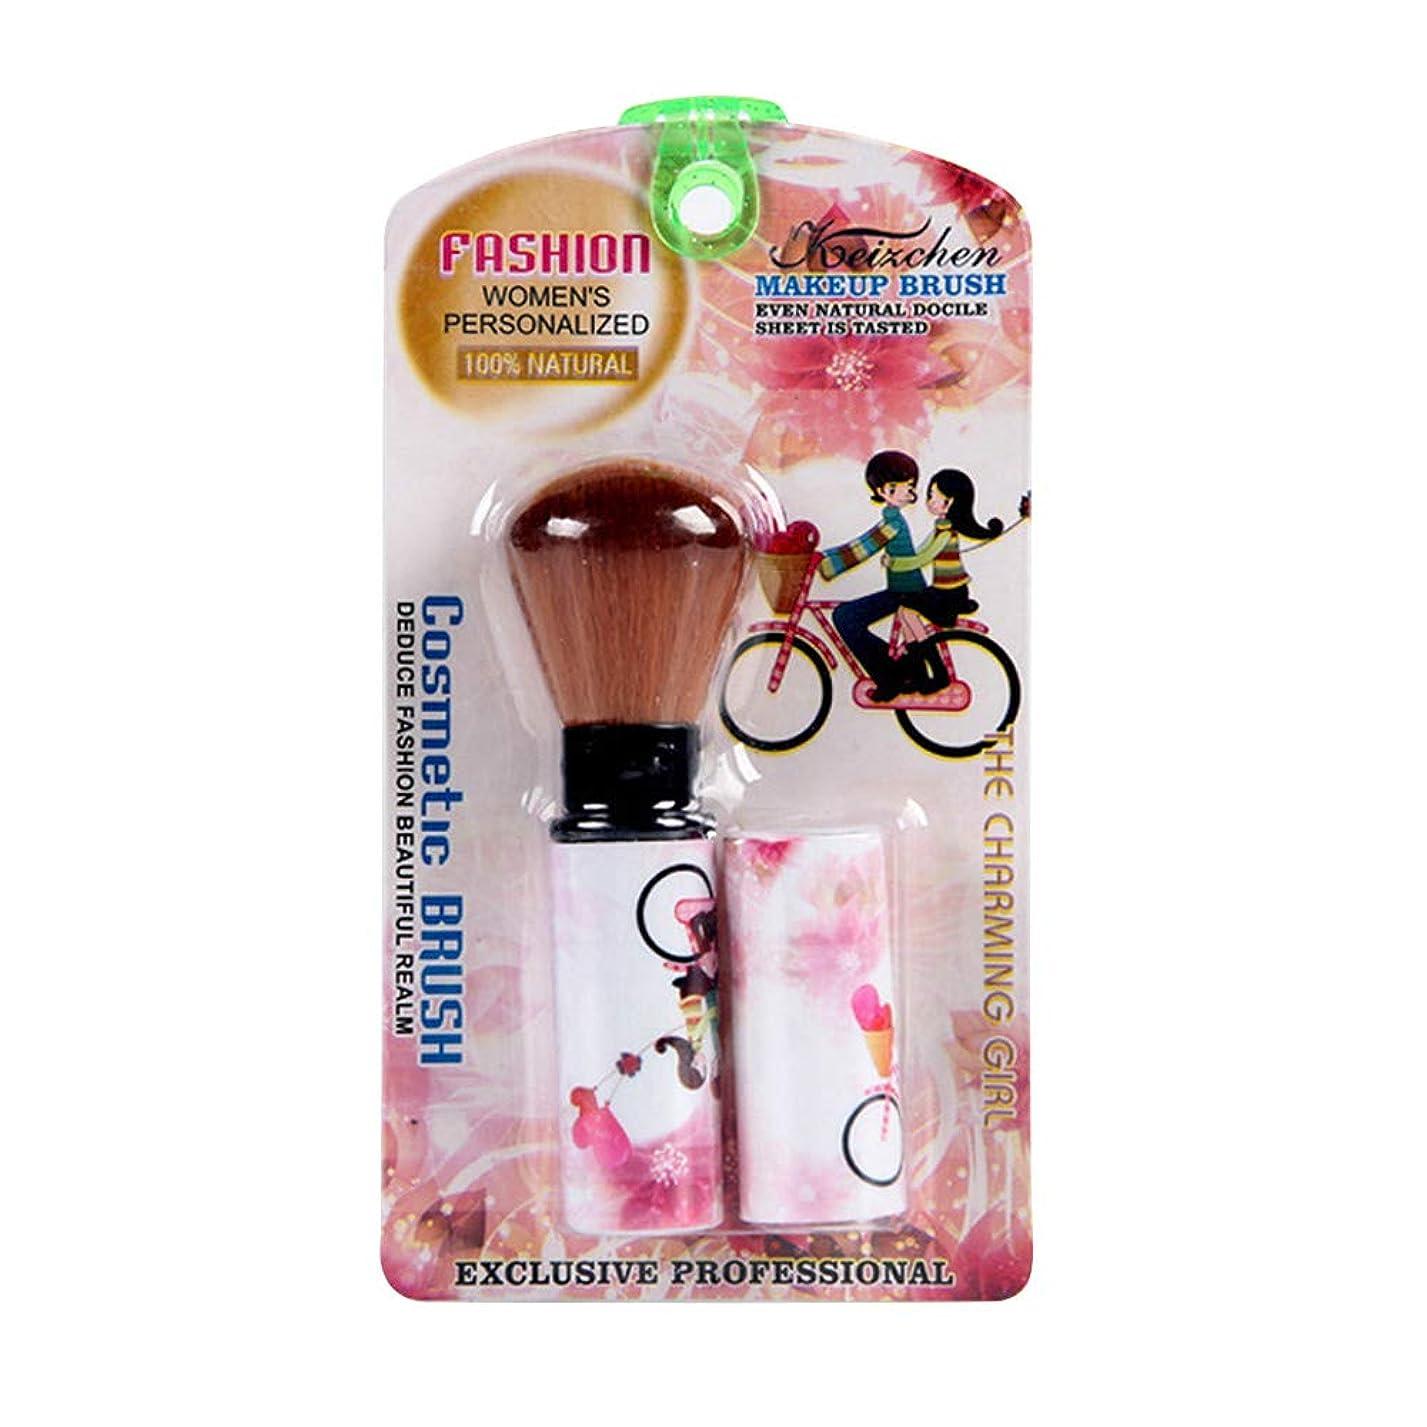 後悔必要疲れたメイクブラシ カラーパターン化粧筆 1本 伸縮式デザイン スライド式 携帯用 ファンデーションブラシ チークブラシ パウダーブラシ フェイスブラシ 歌舞伎ブラシ 超柔らかい 多機能 MAANGE (pink)